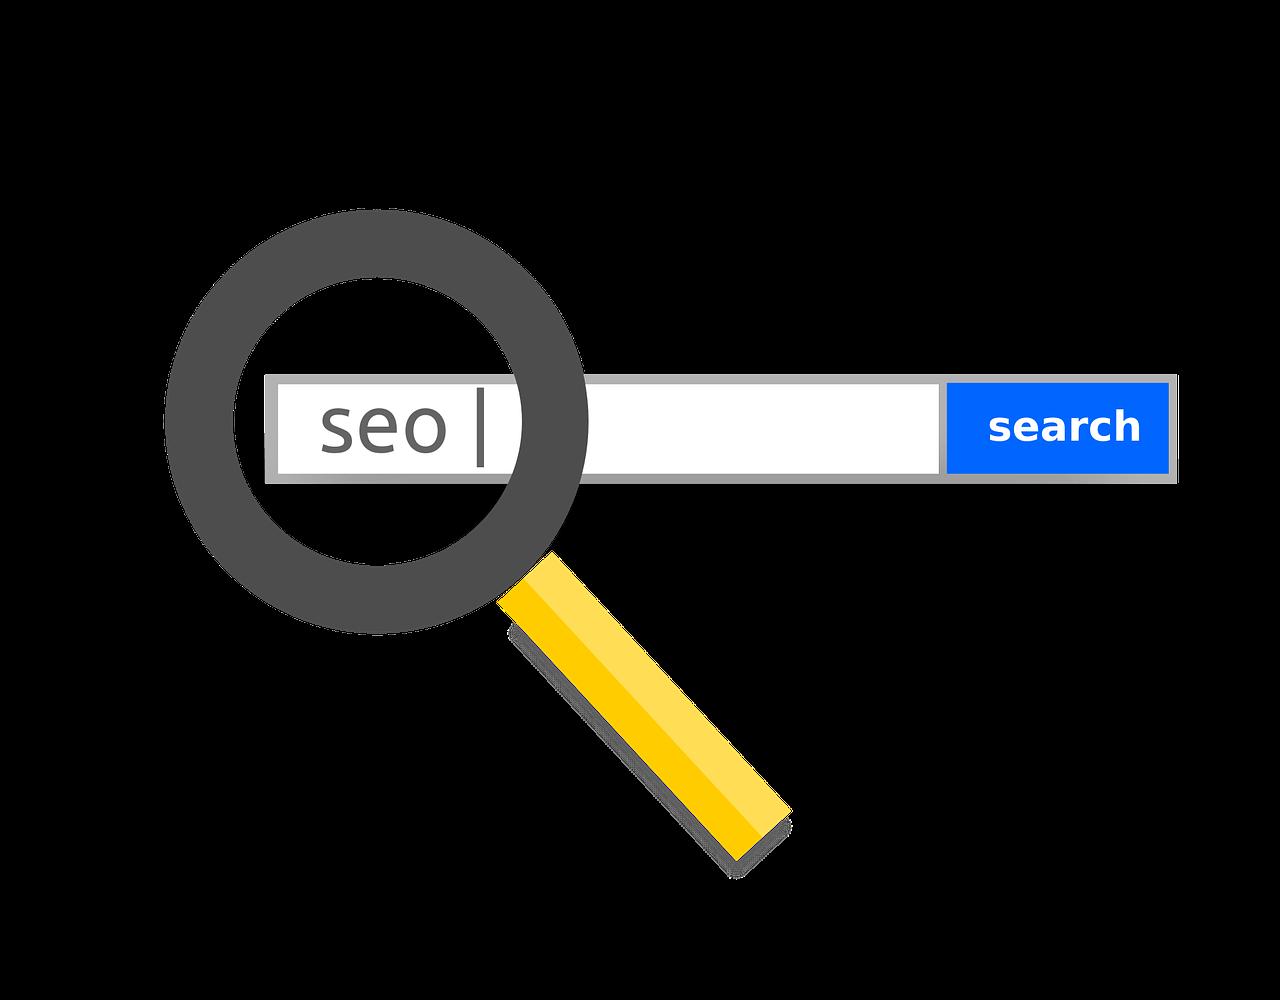 Google wprowadził zmiany w wyszukiwaniu lokalnym (neural matching) - SEO blog